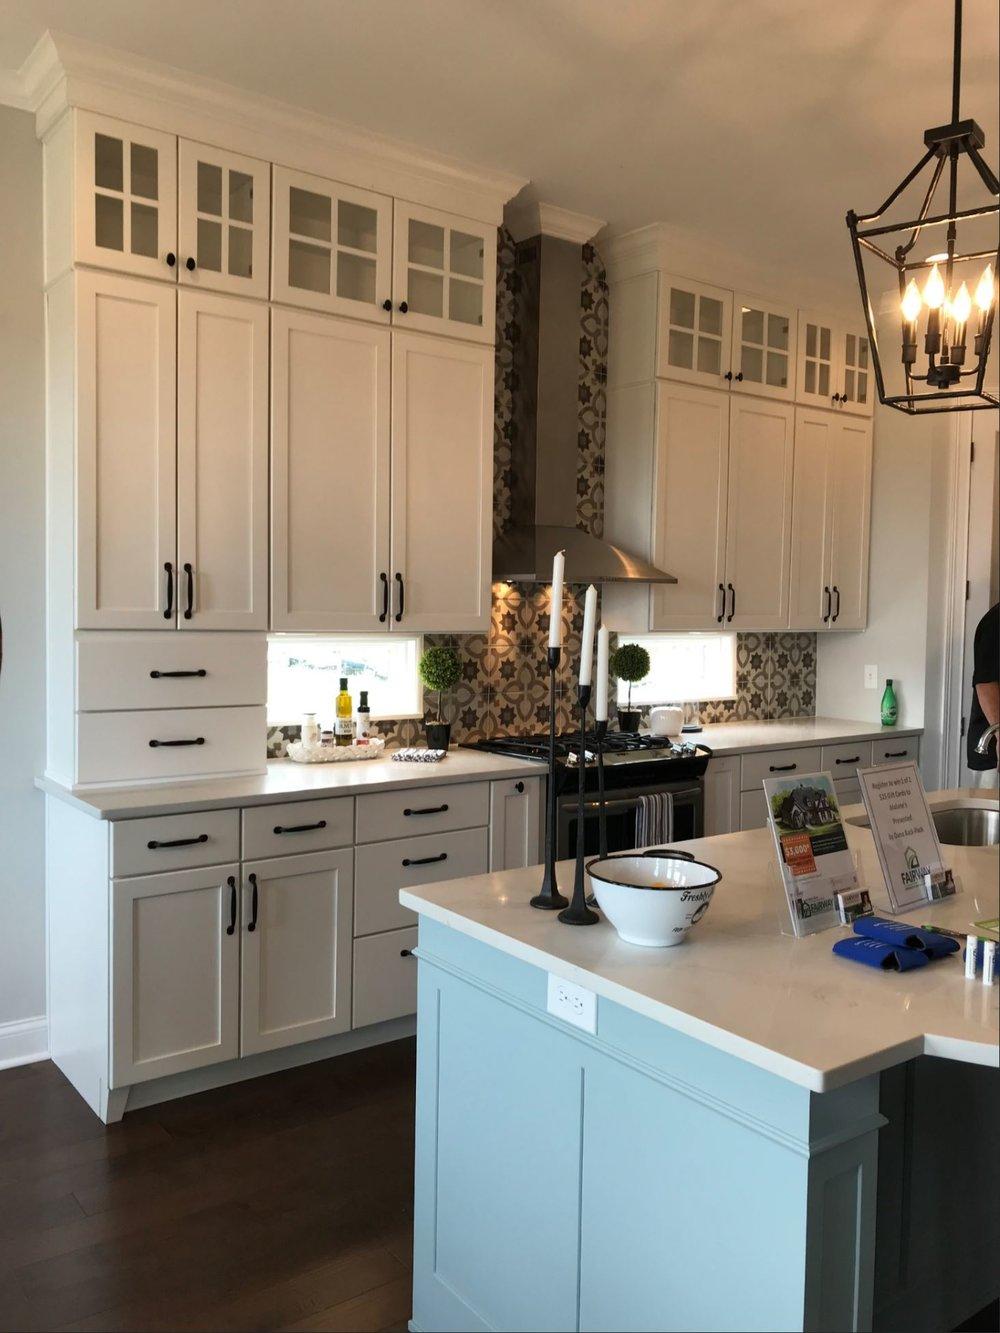 5 kitchen ideas homes by reckelhoff.JPG